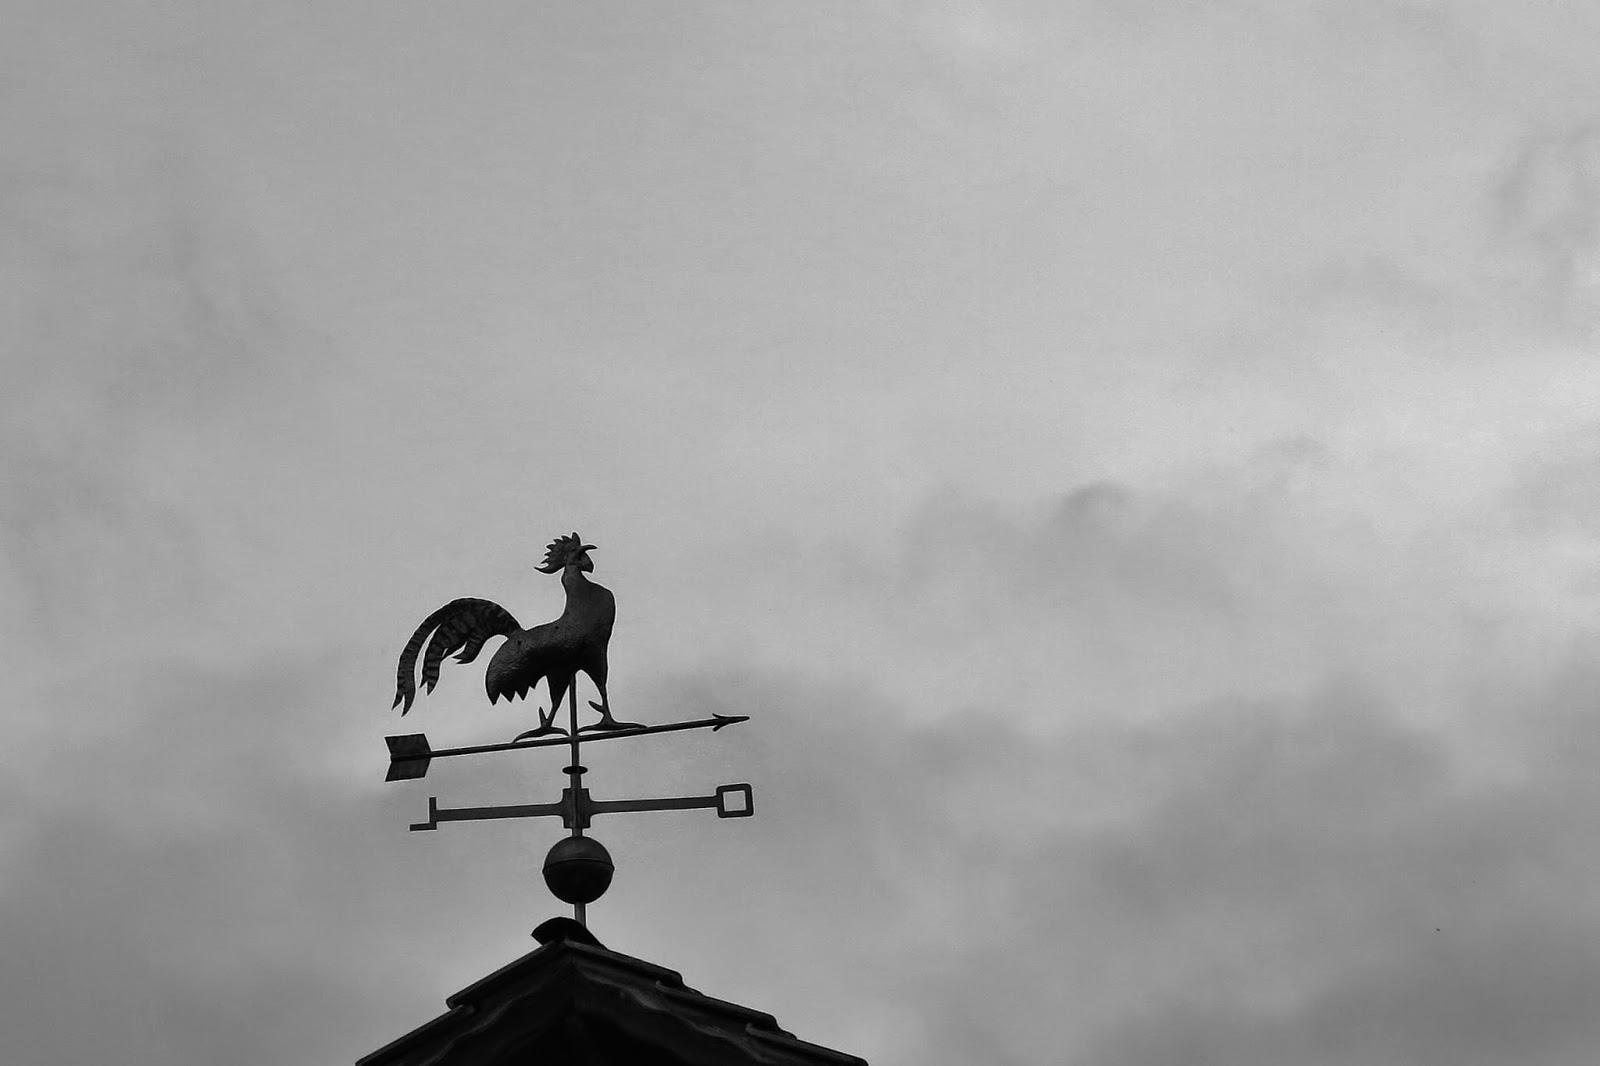 Galo no telhado típico de Treze Tílias